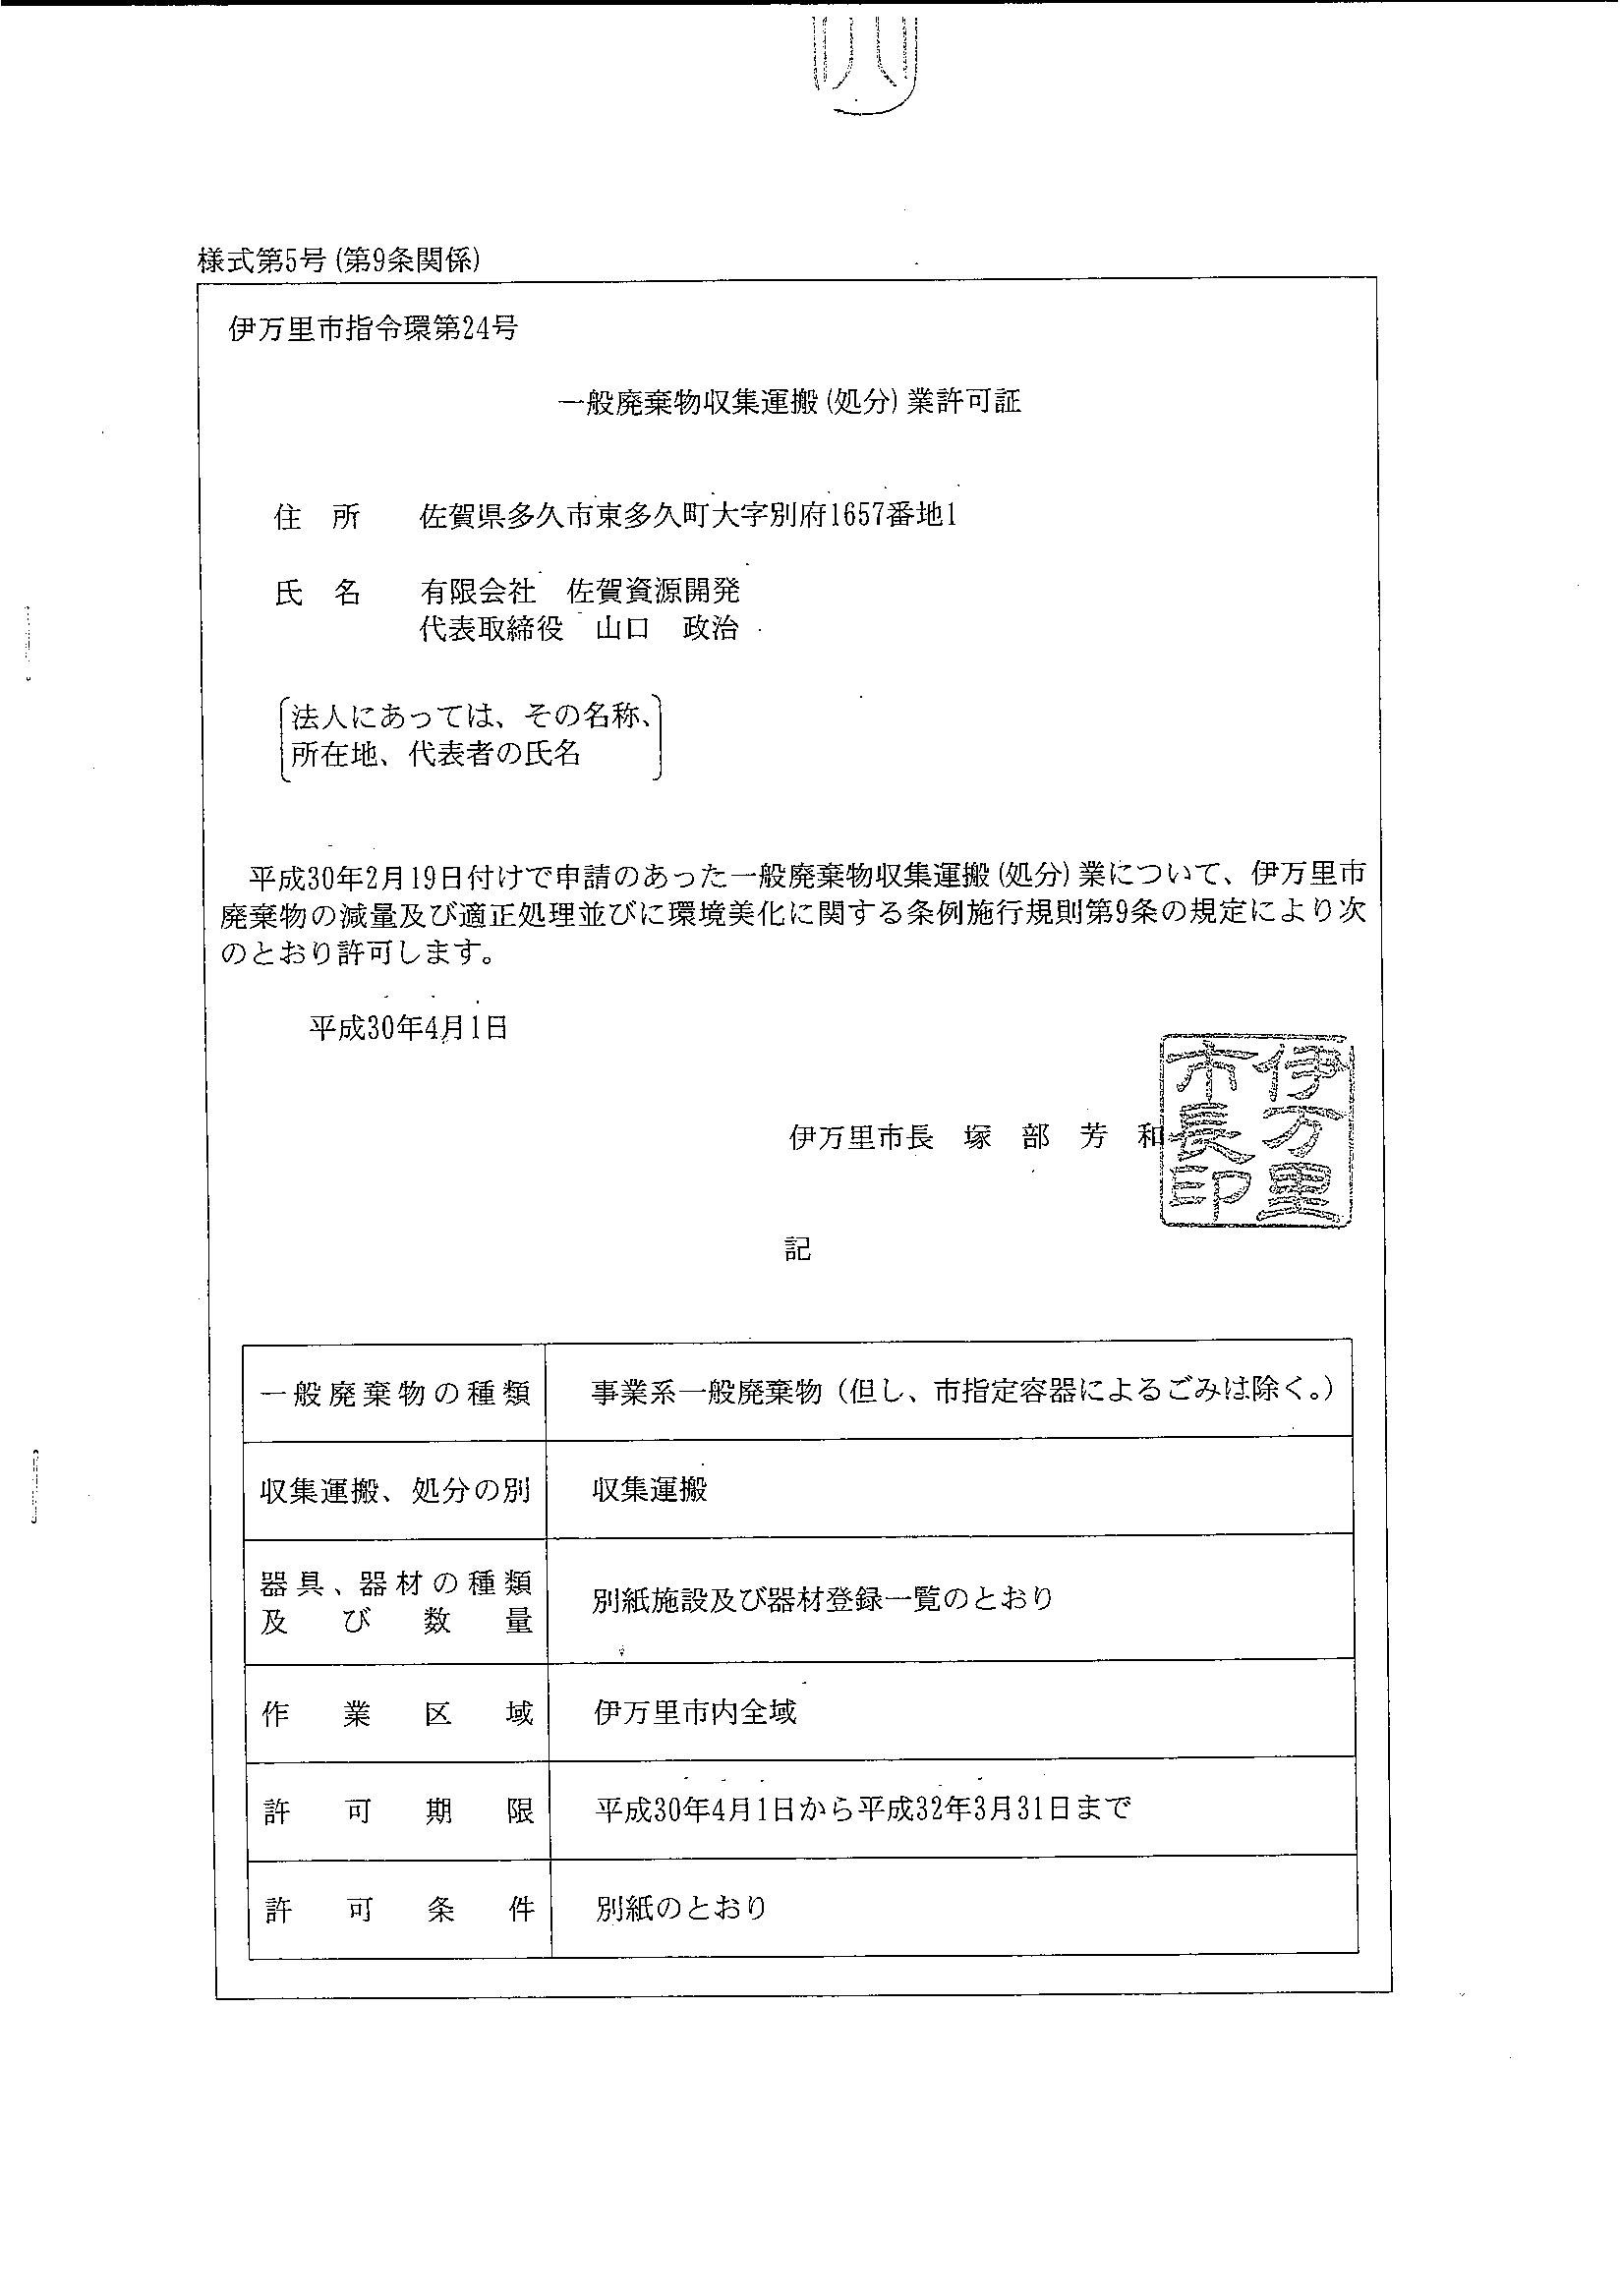 伊万里市_一般廃棄物収集運搬処分業許可証